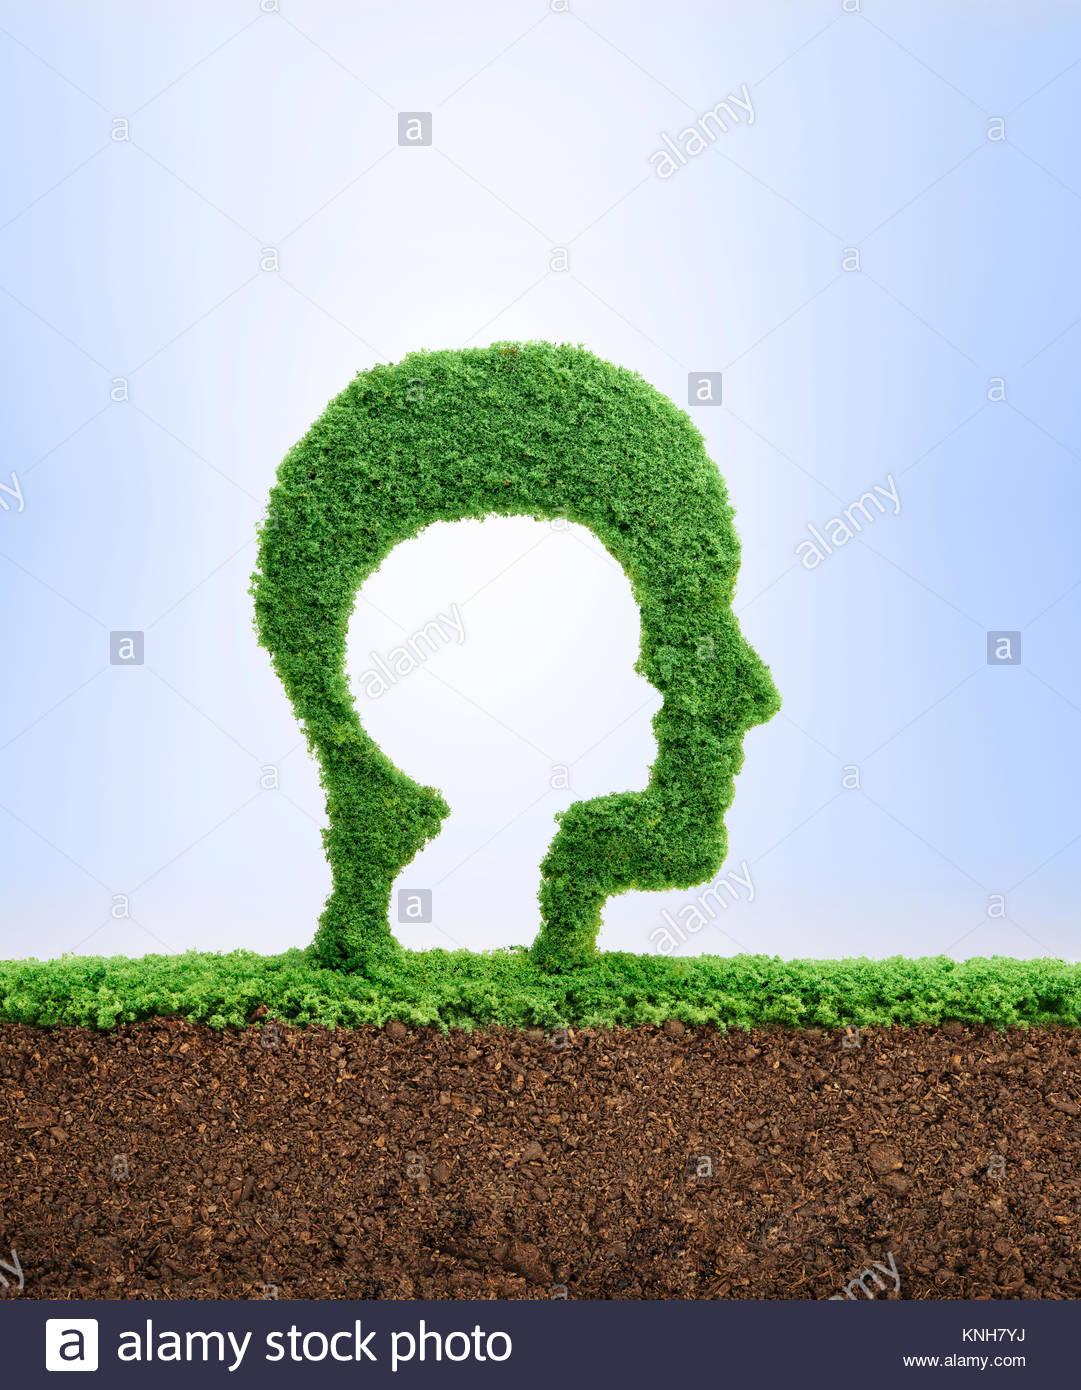 Die Kindheit ist der Samen des Erwachsenseins. Kindheit Nostalgie Konzept, mit Gras wächst in der Form eines Stockbild